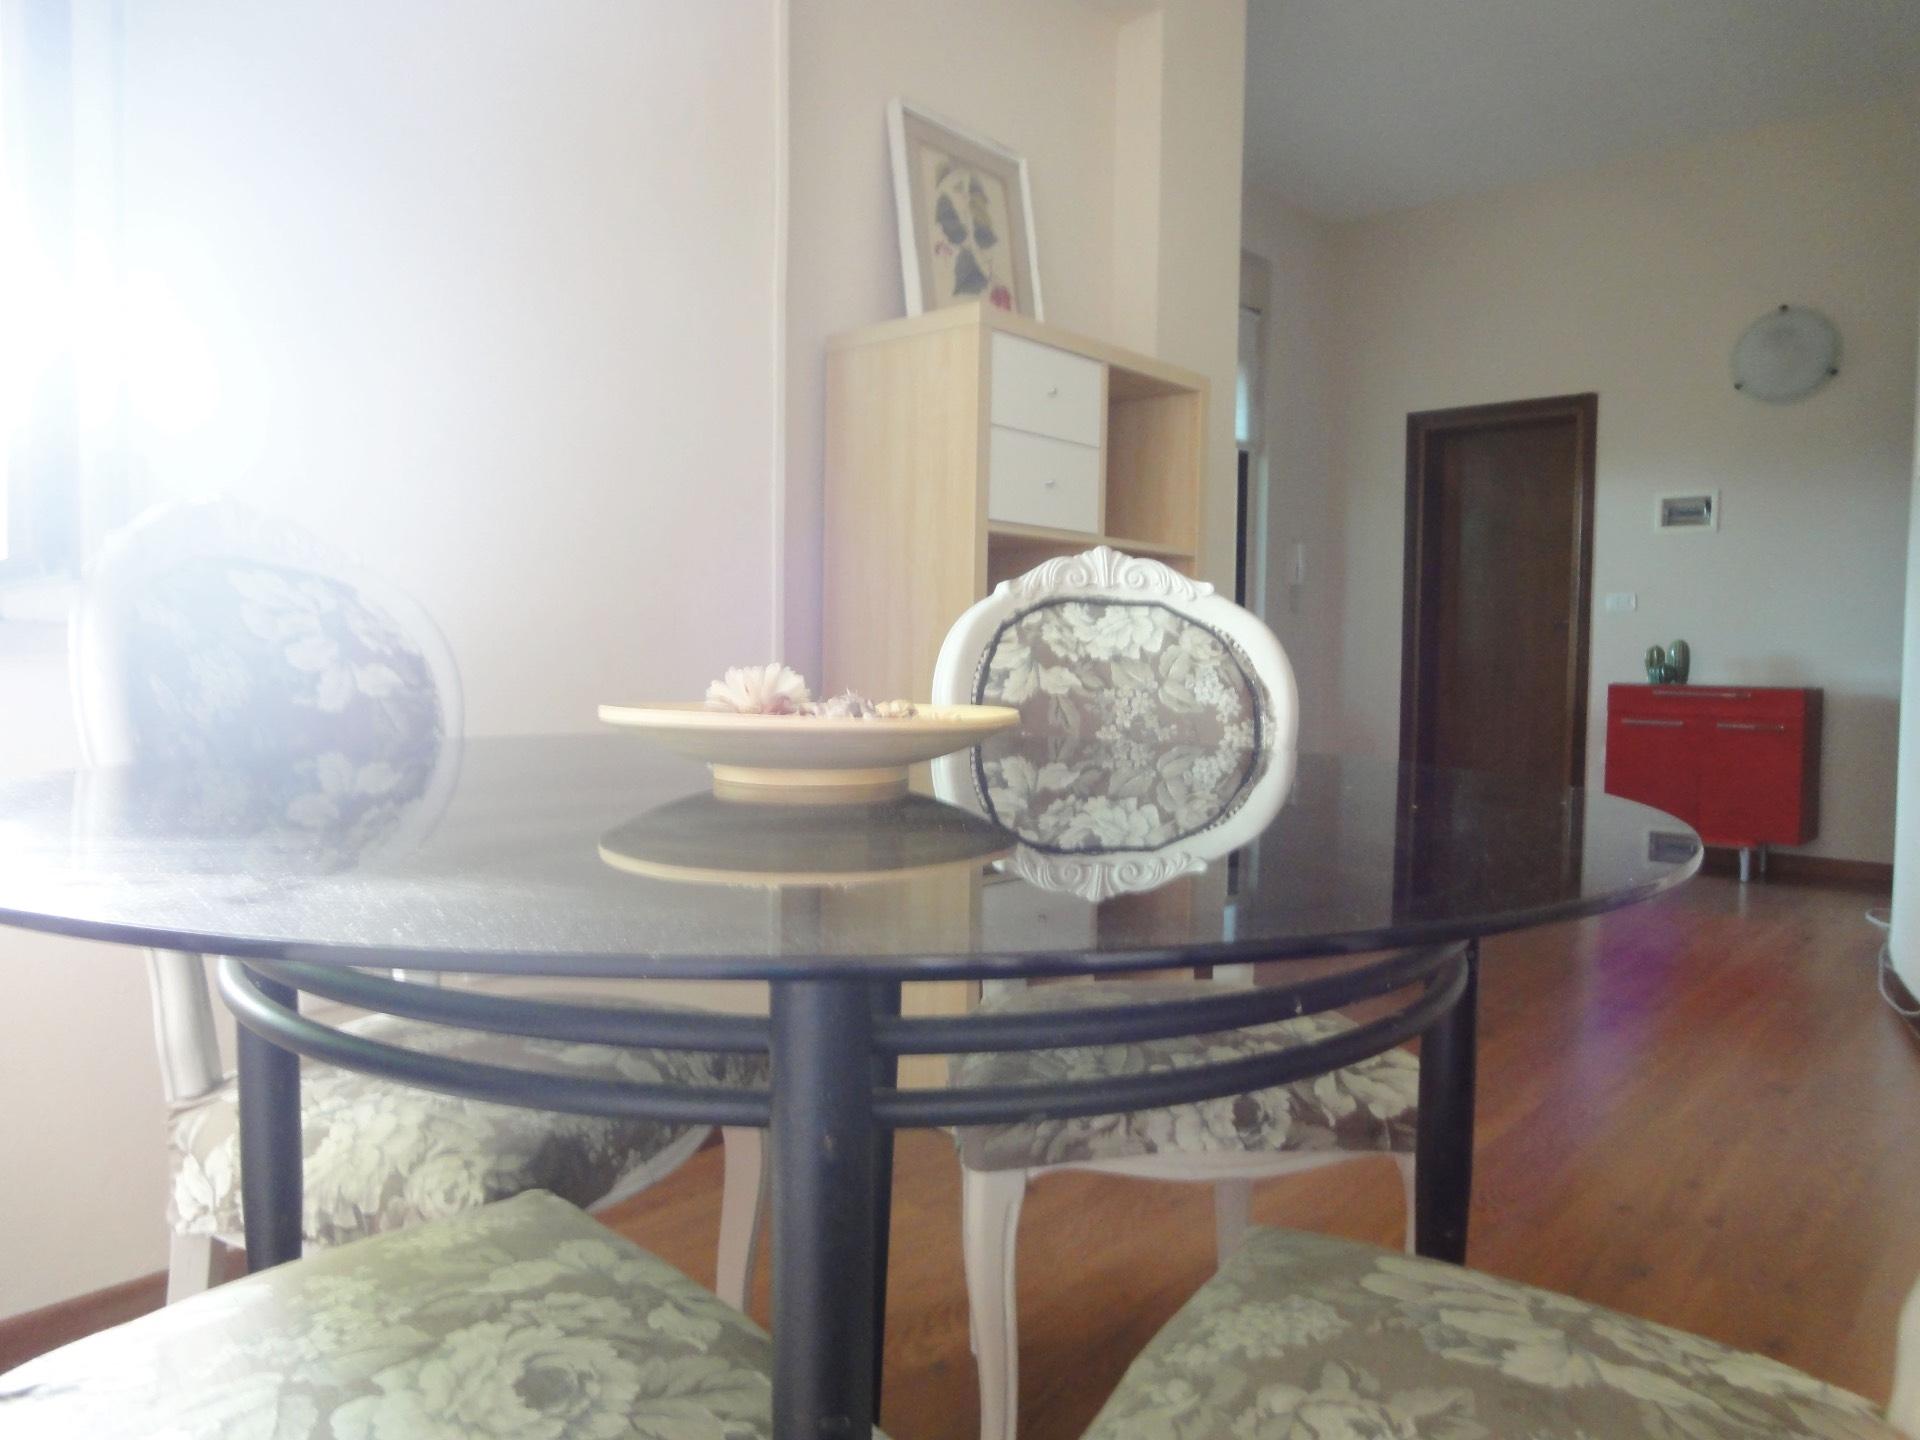 Appartamento in affitto a Pontedera, 2 locali, zona Località: Scolmatore, prezzo € 250 | CambioCasa.it